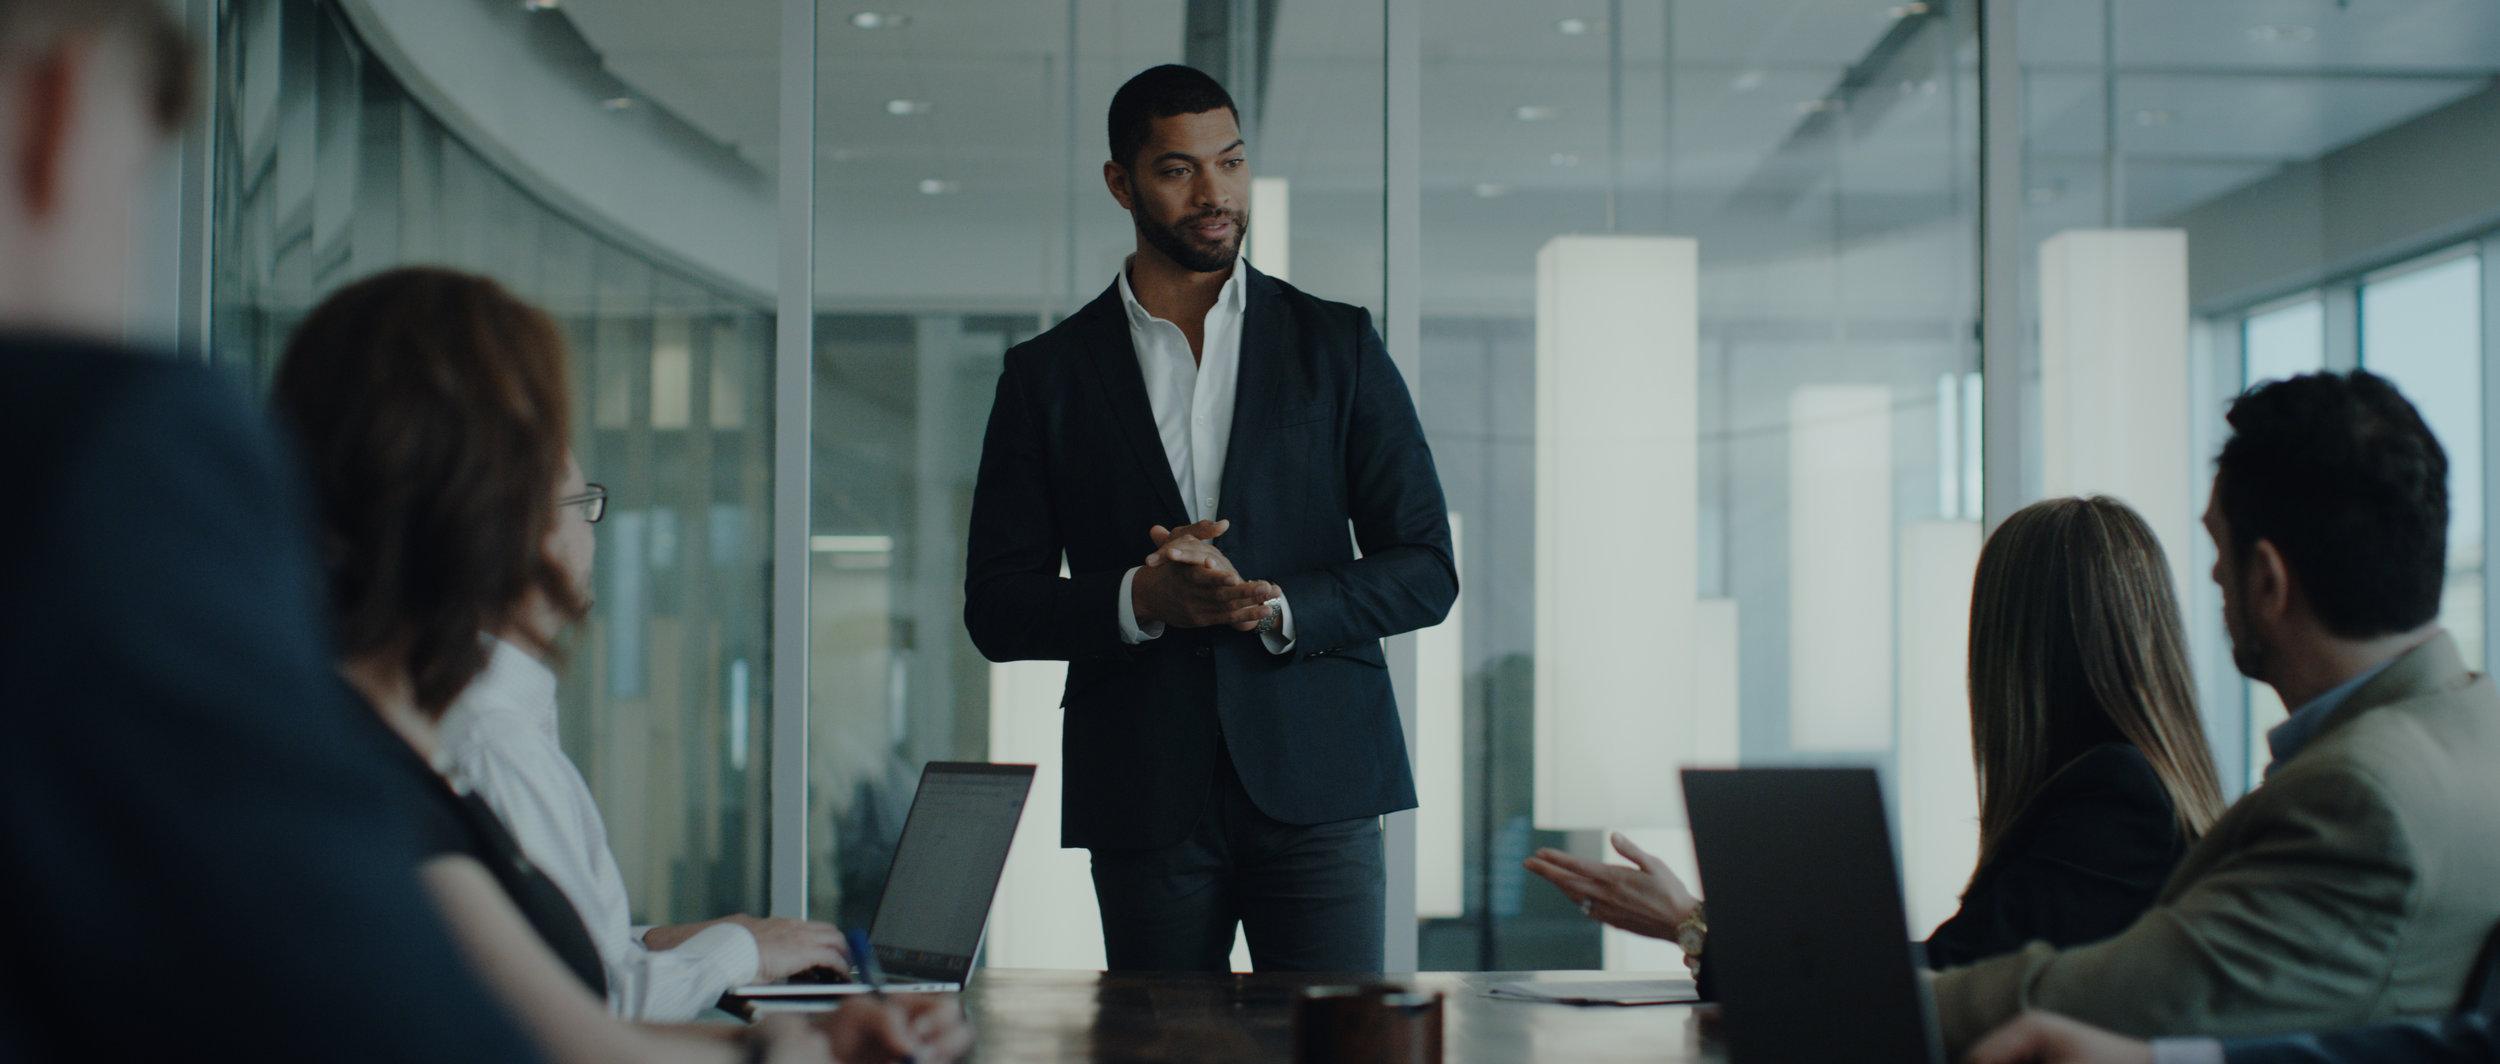 Business Man Meeting Wide.jpg